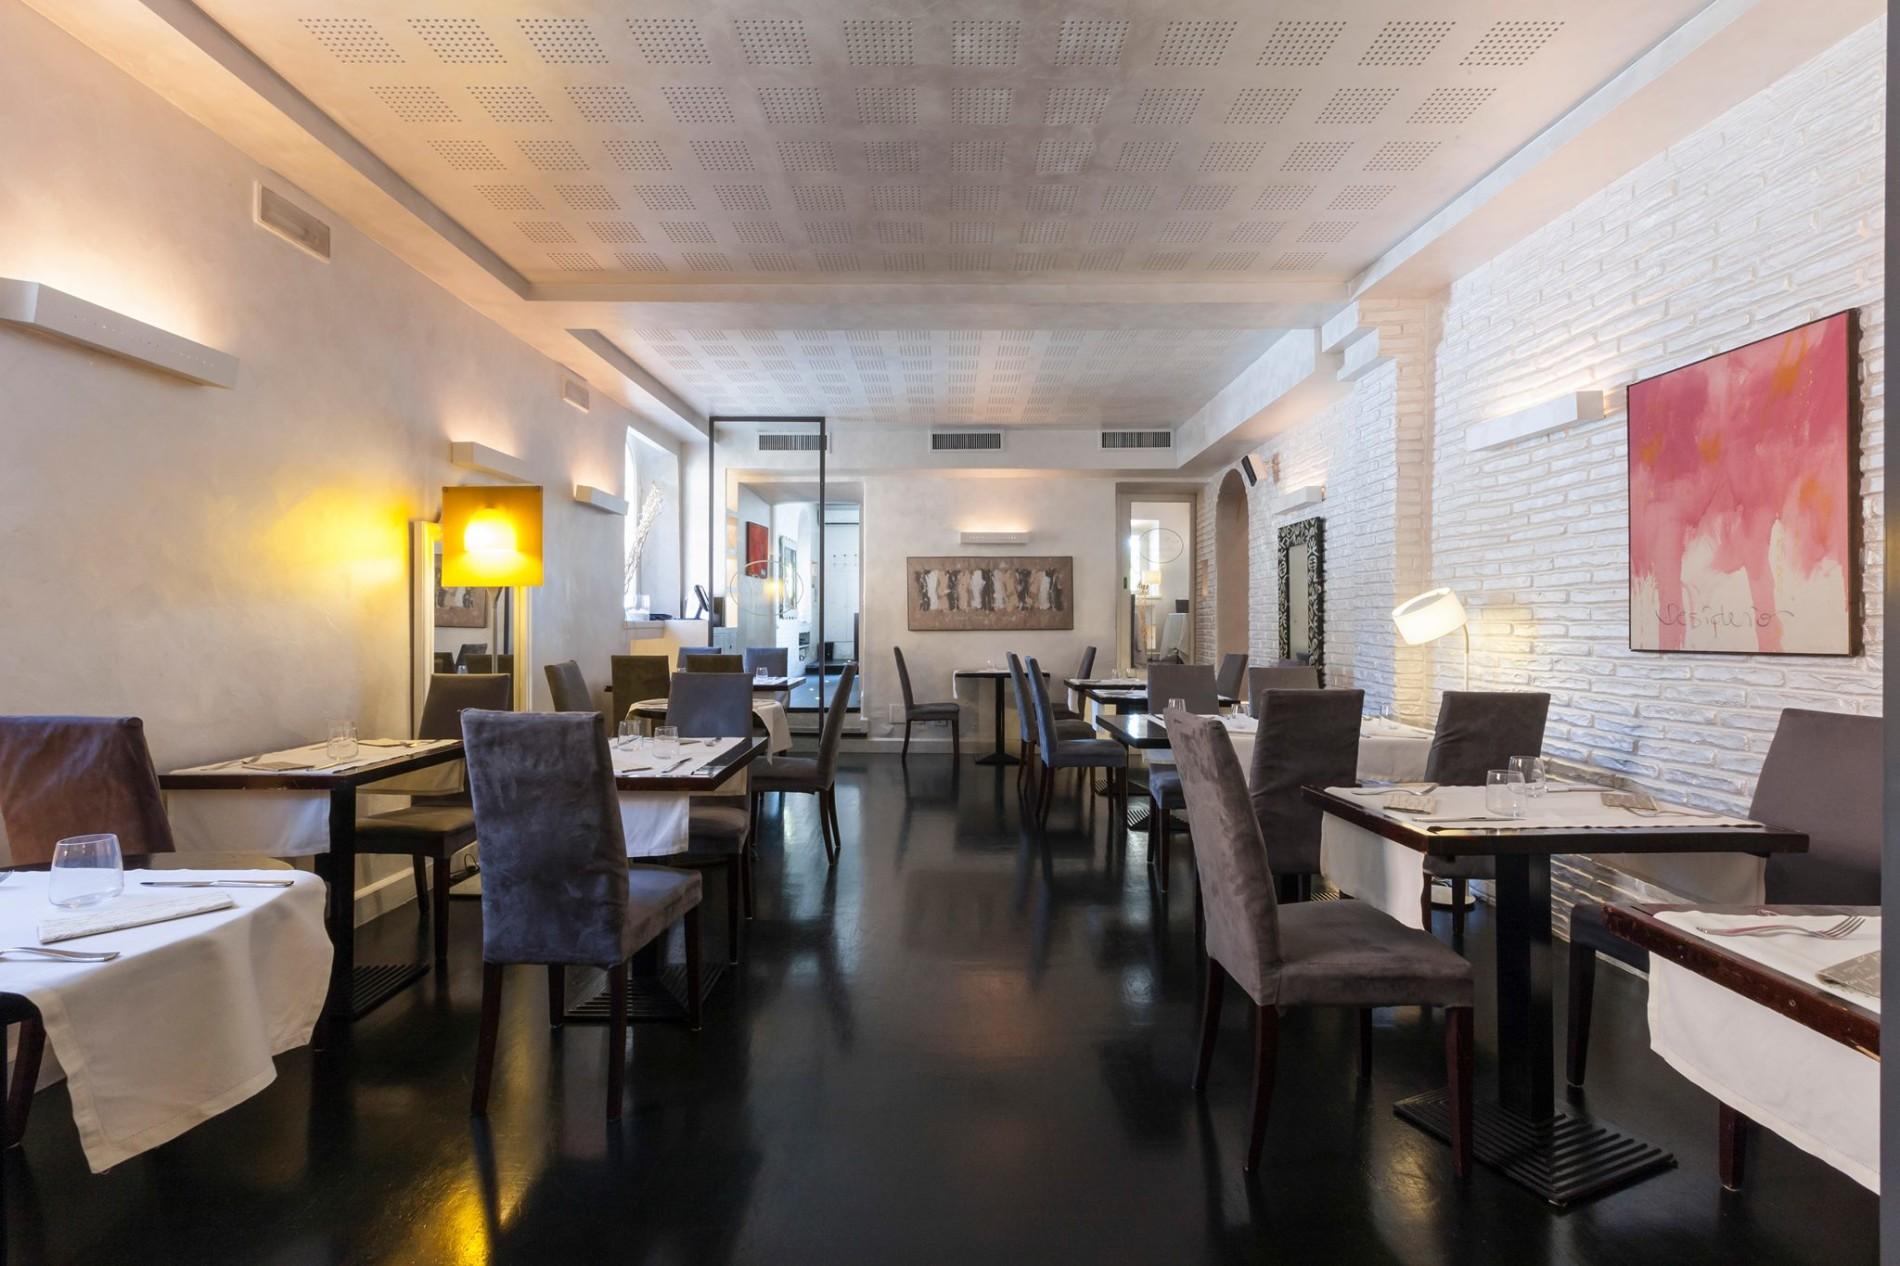 Ristoranti romantici a Roma a cena nella Grande Bellezza  Puntarella Rossa